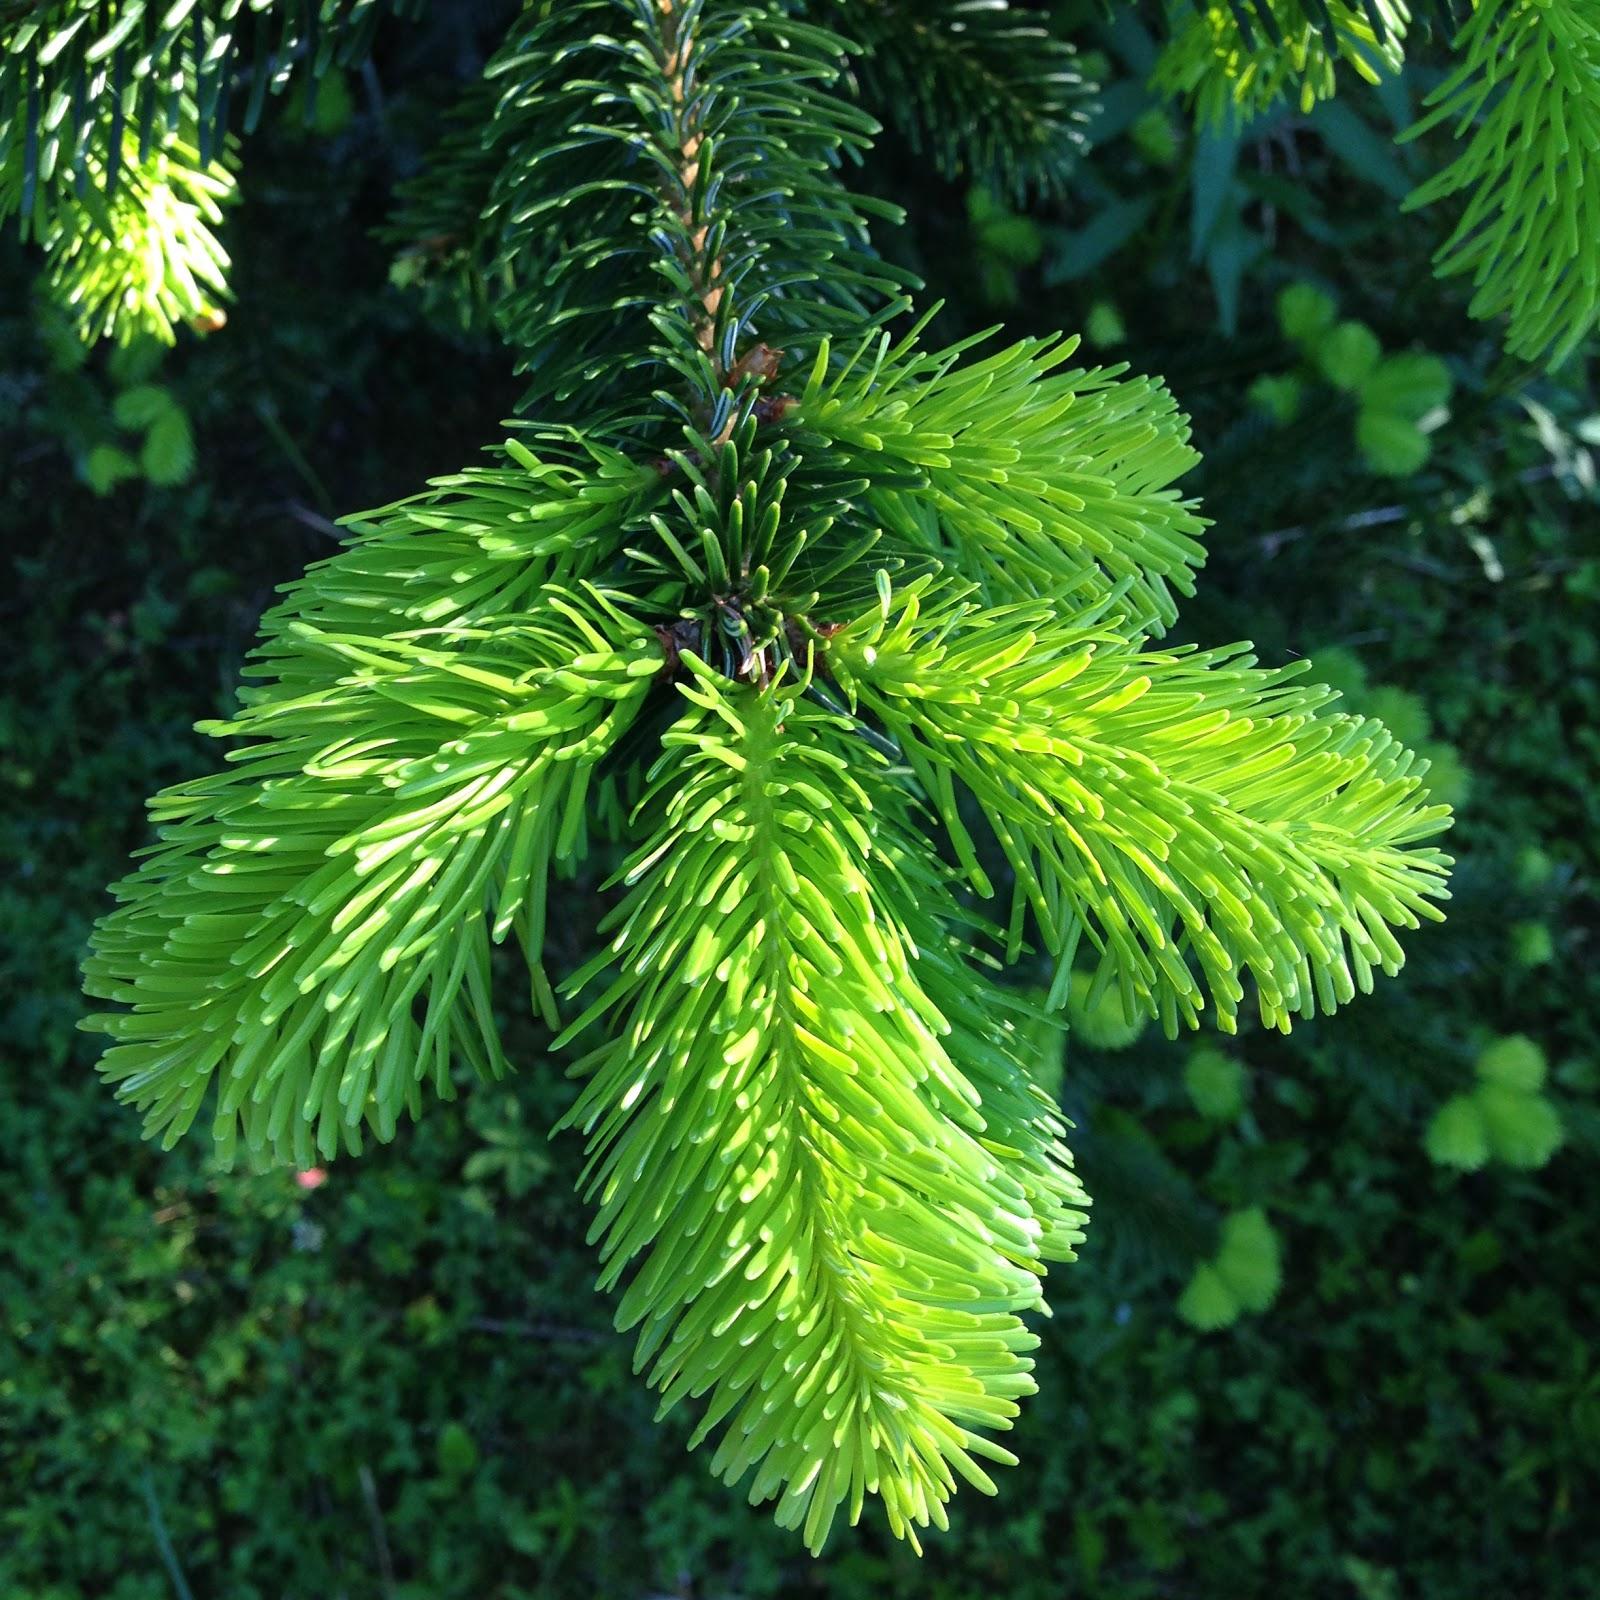 Weihnachtsbaum Kaufen Kiel.Weihnachtsbaumplantagen Günstige Nordmanntannen Kaufen